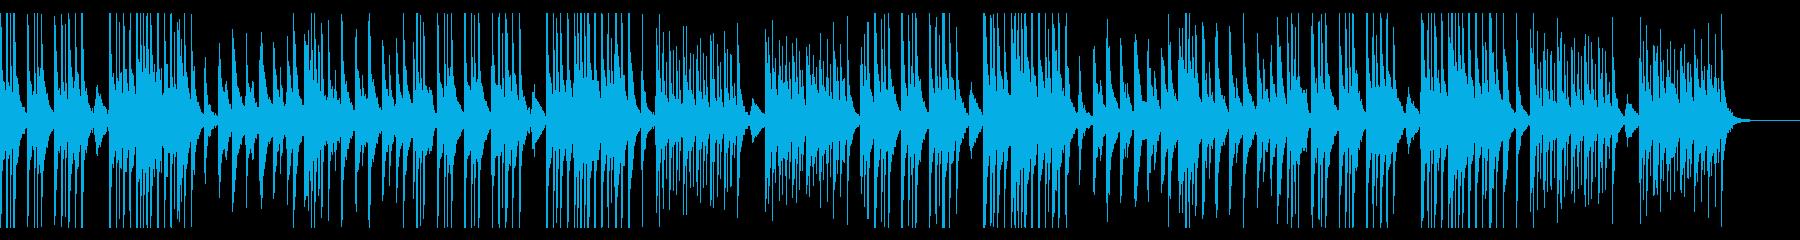 Faint Suspicionの再生済みの波形